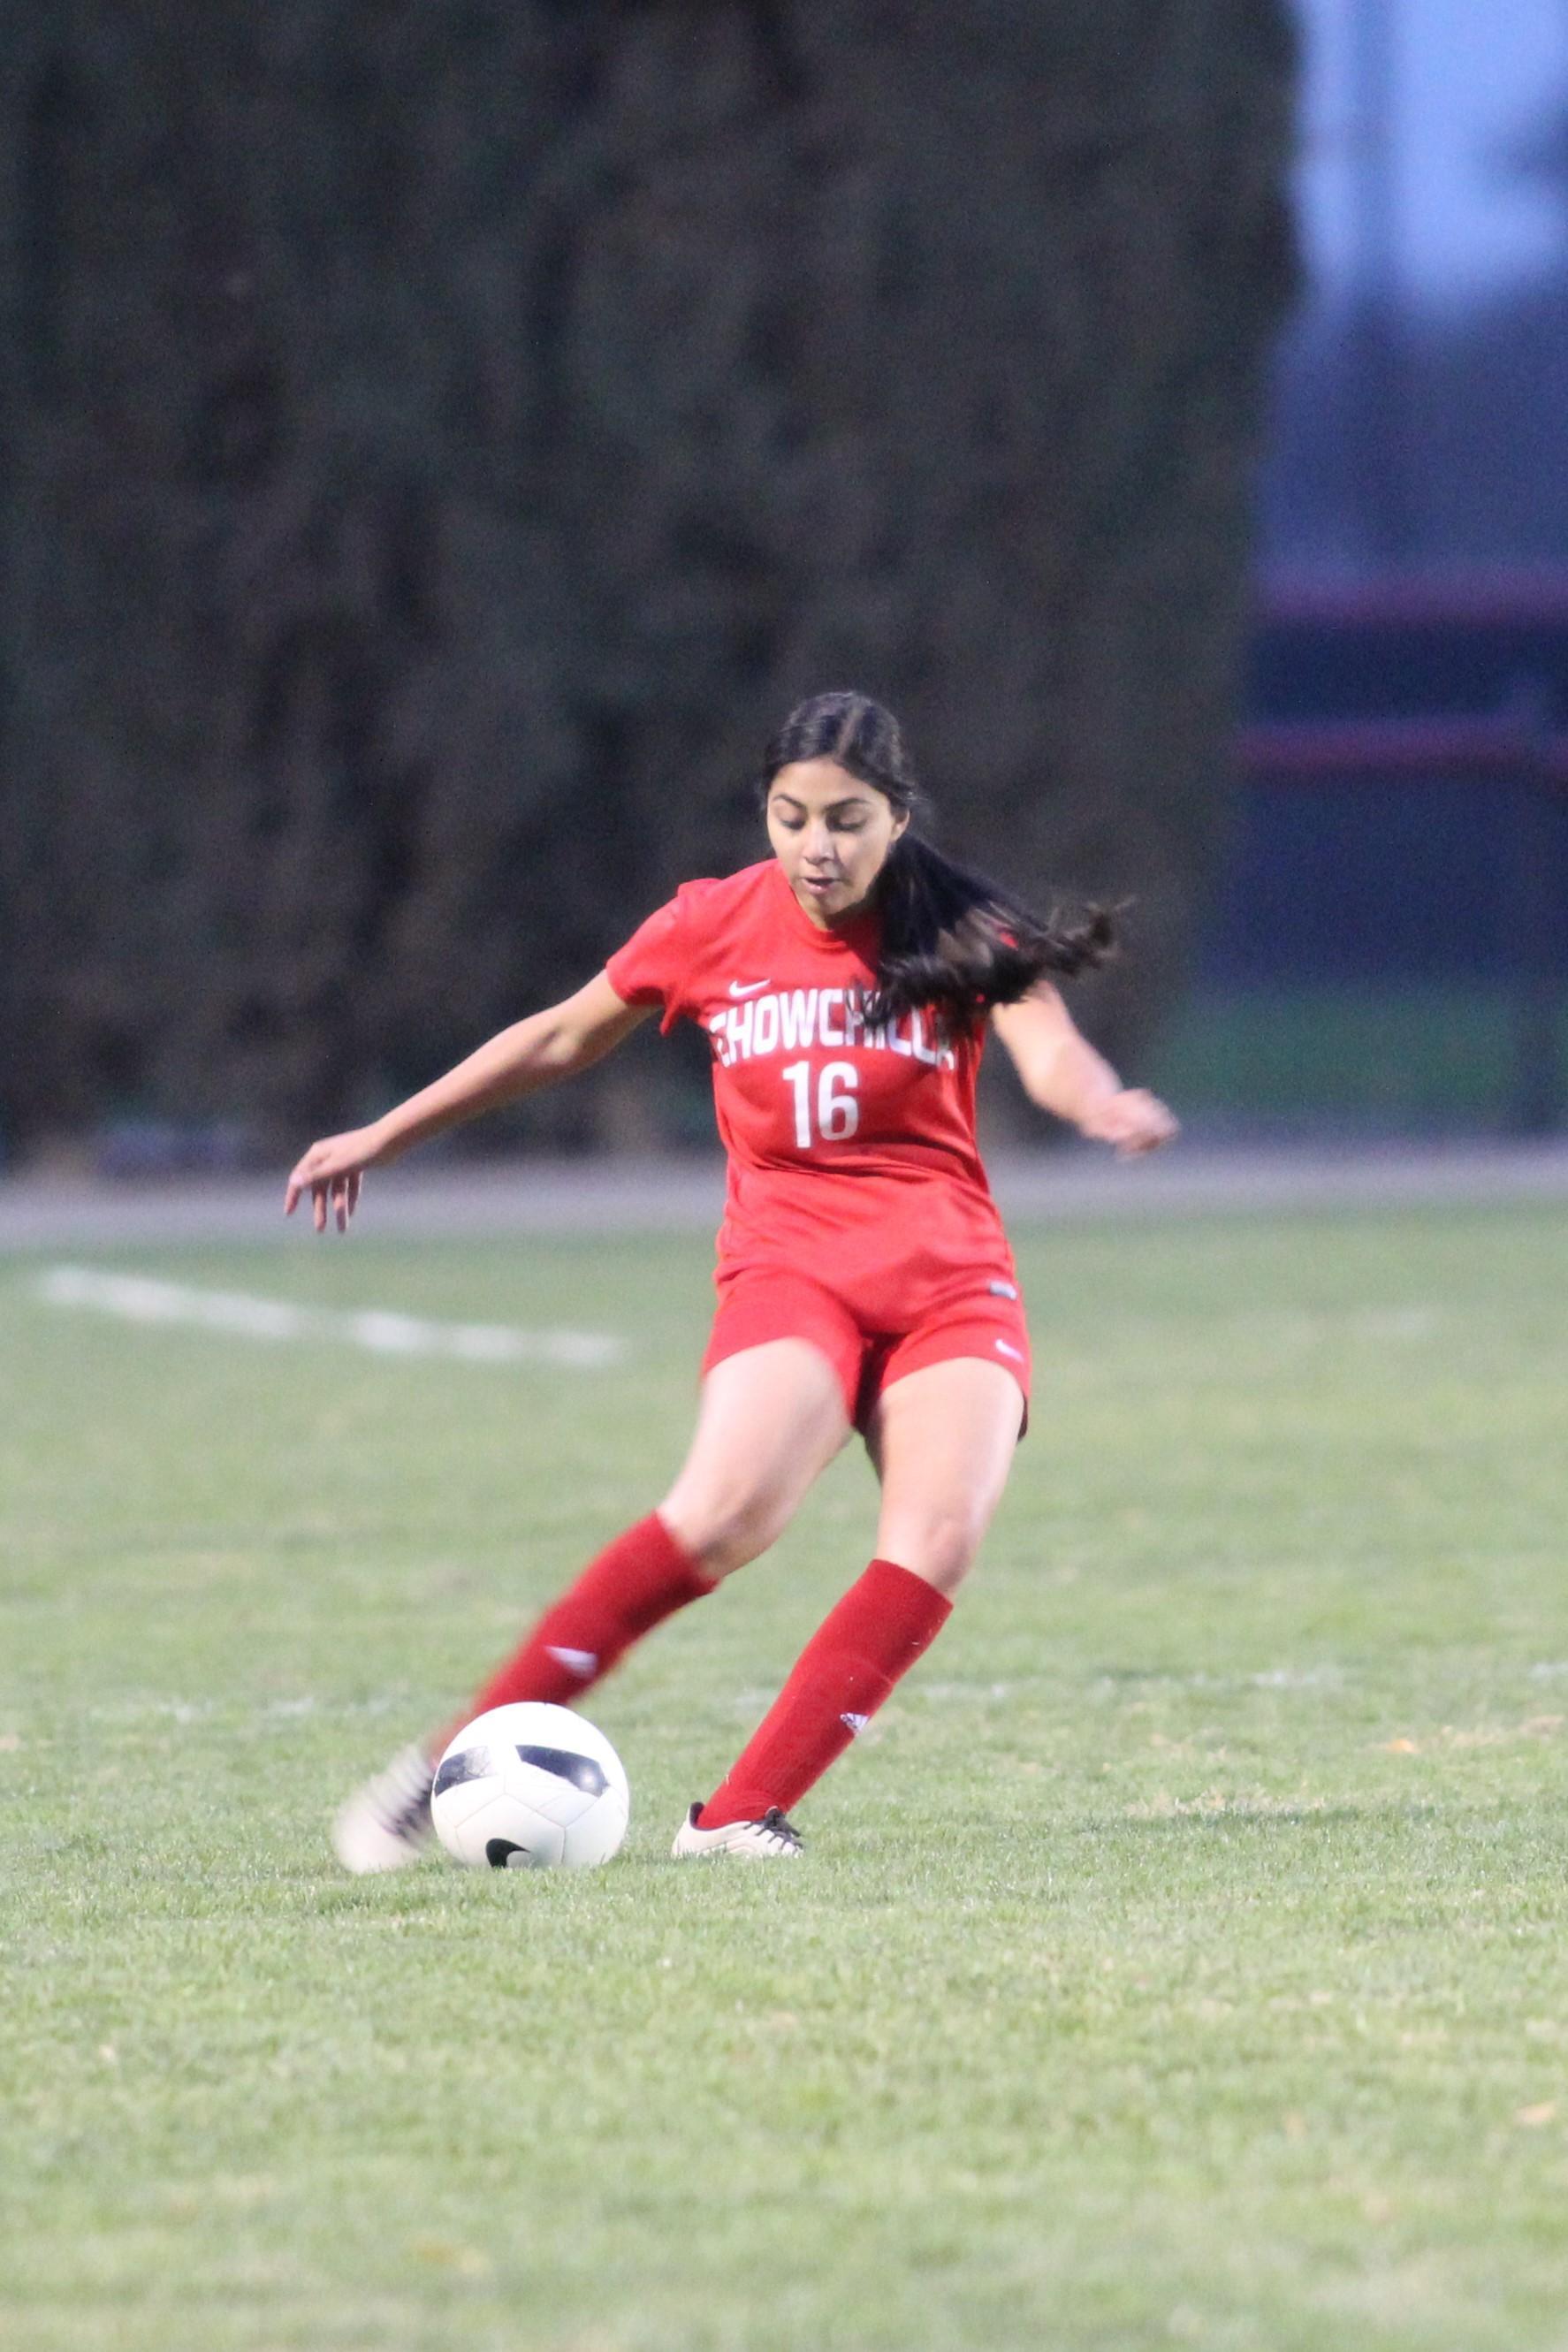 Girl kicks the ball